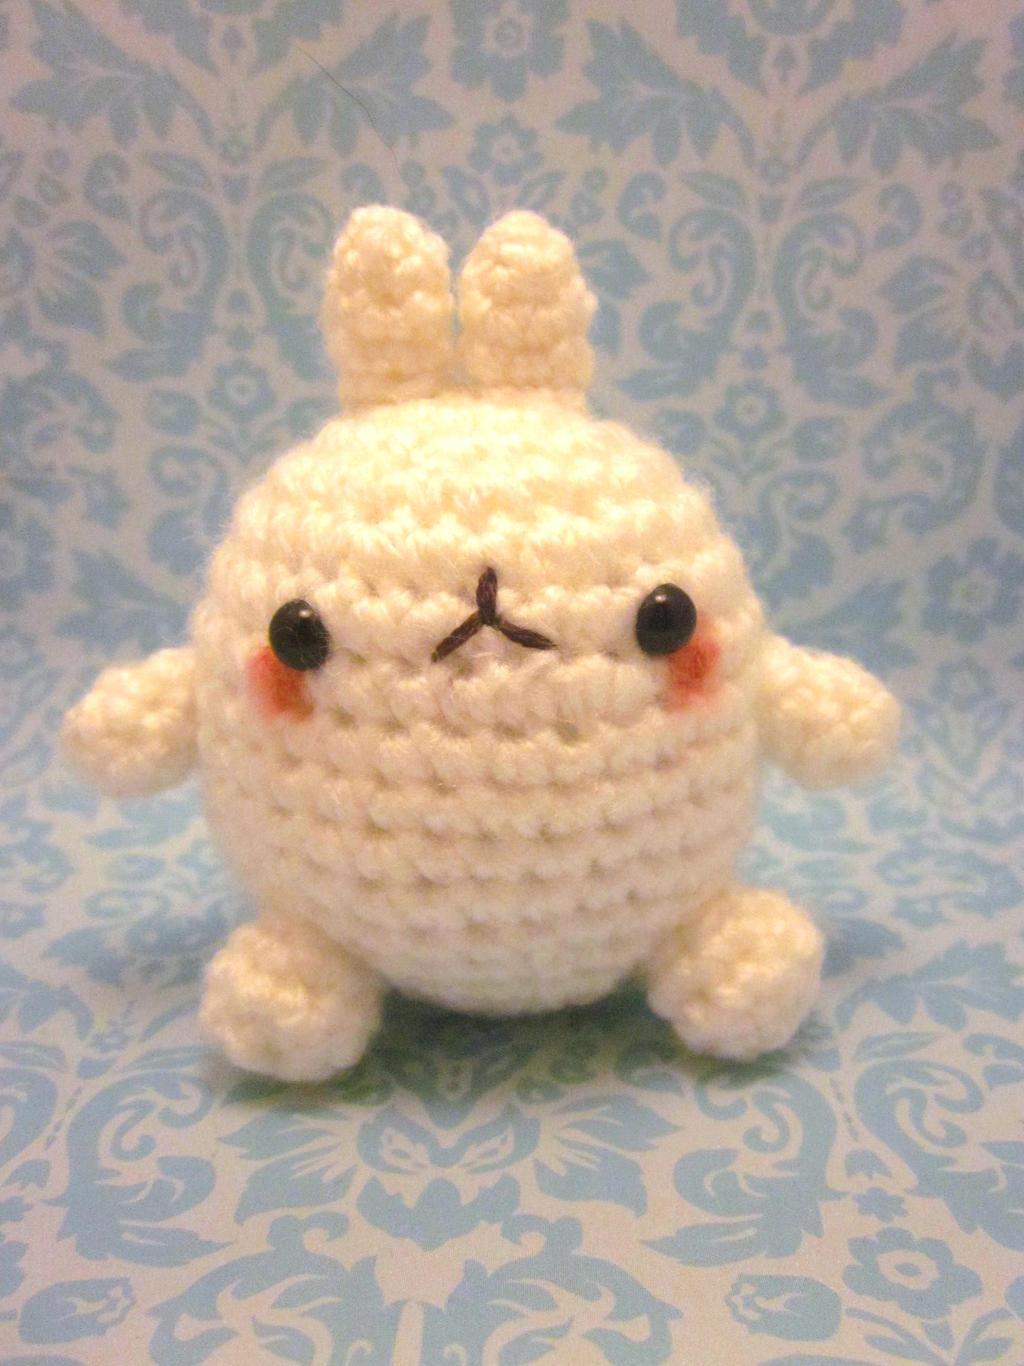 Amigurumi Reddit : Molang the Rabbit Bunny Amigurumi Crochet Doll by ...